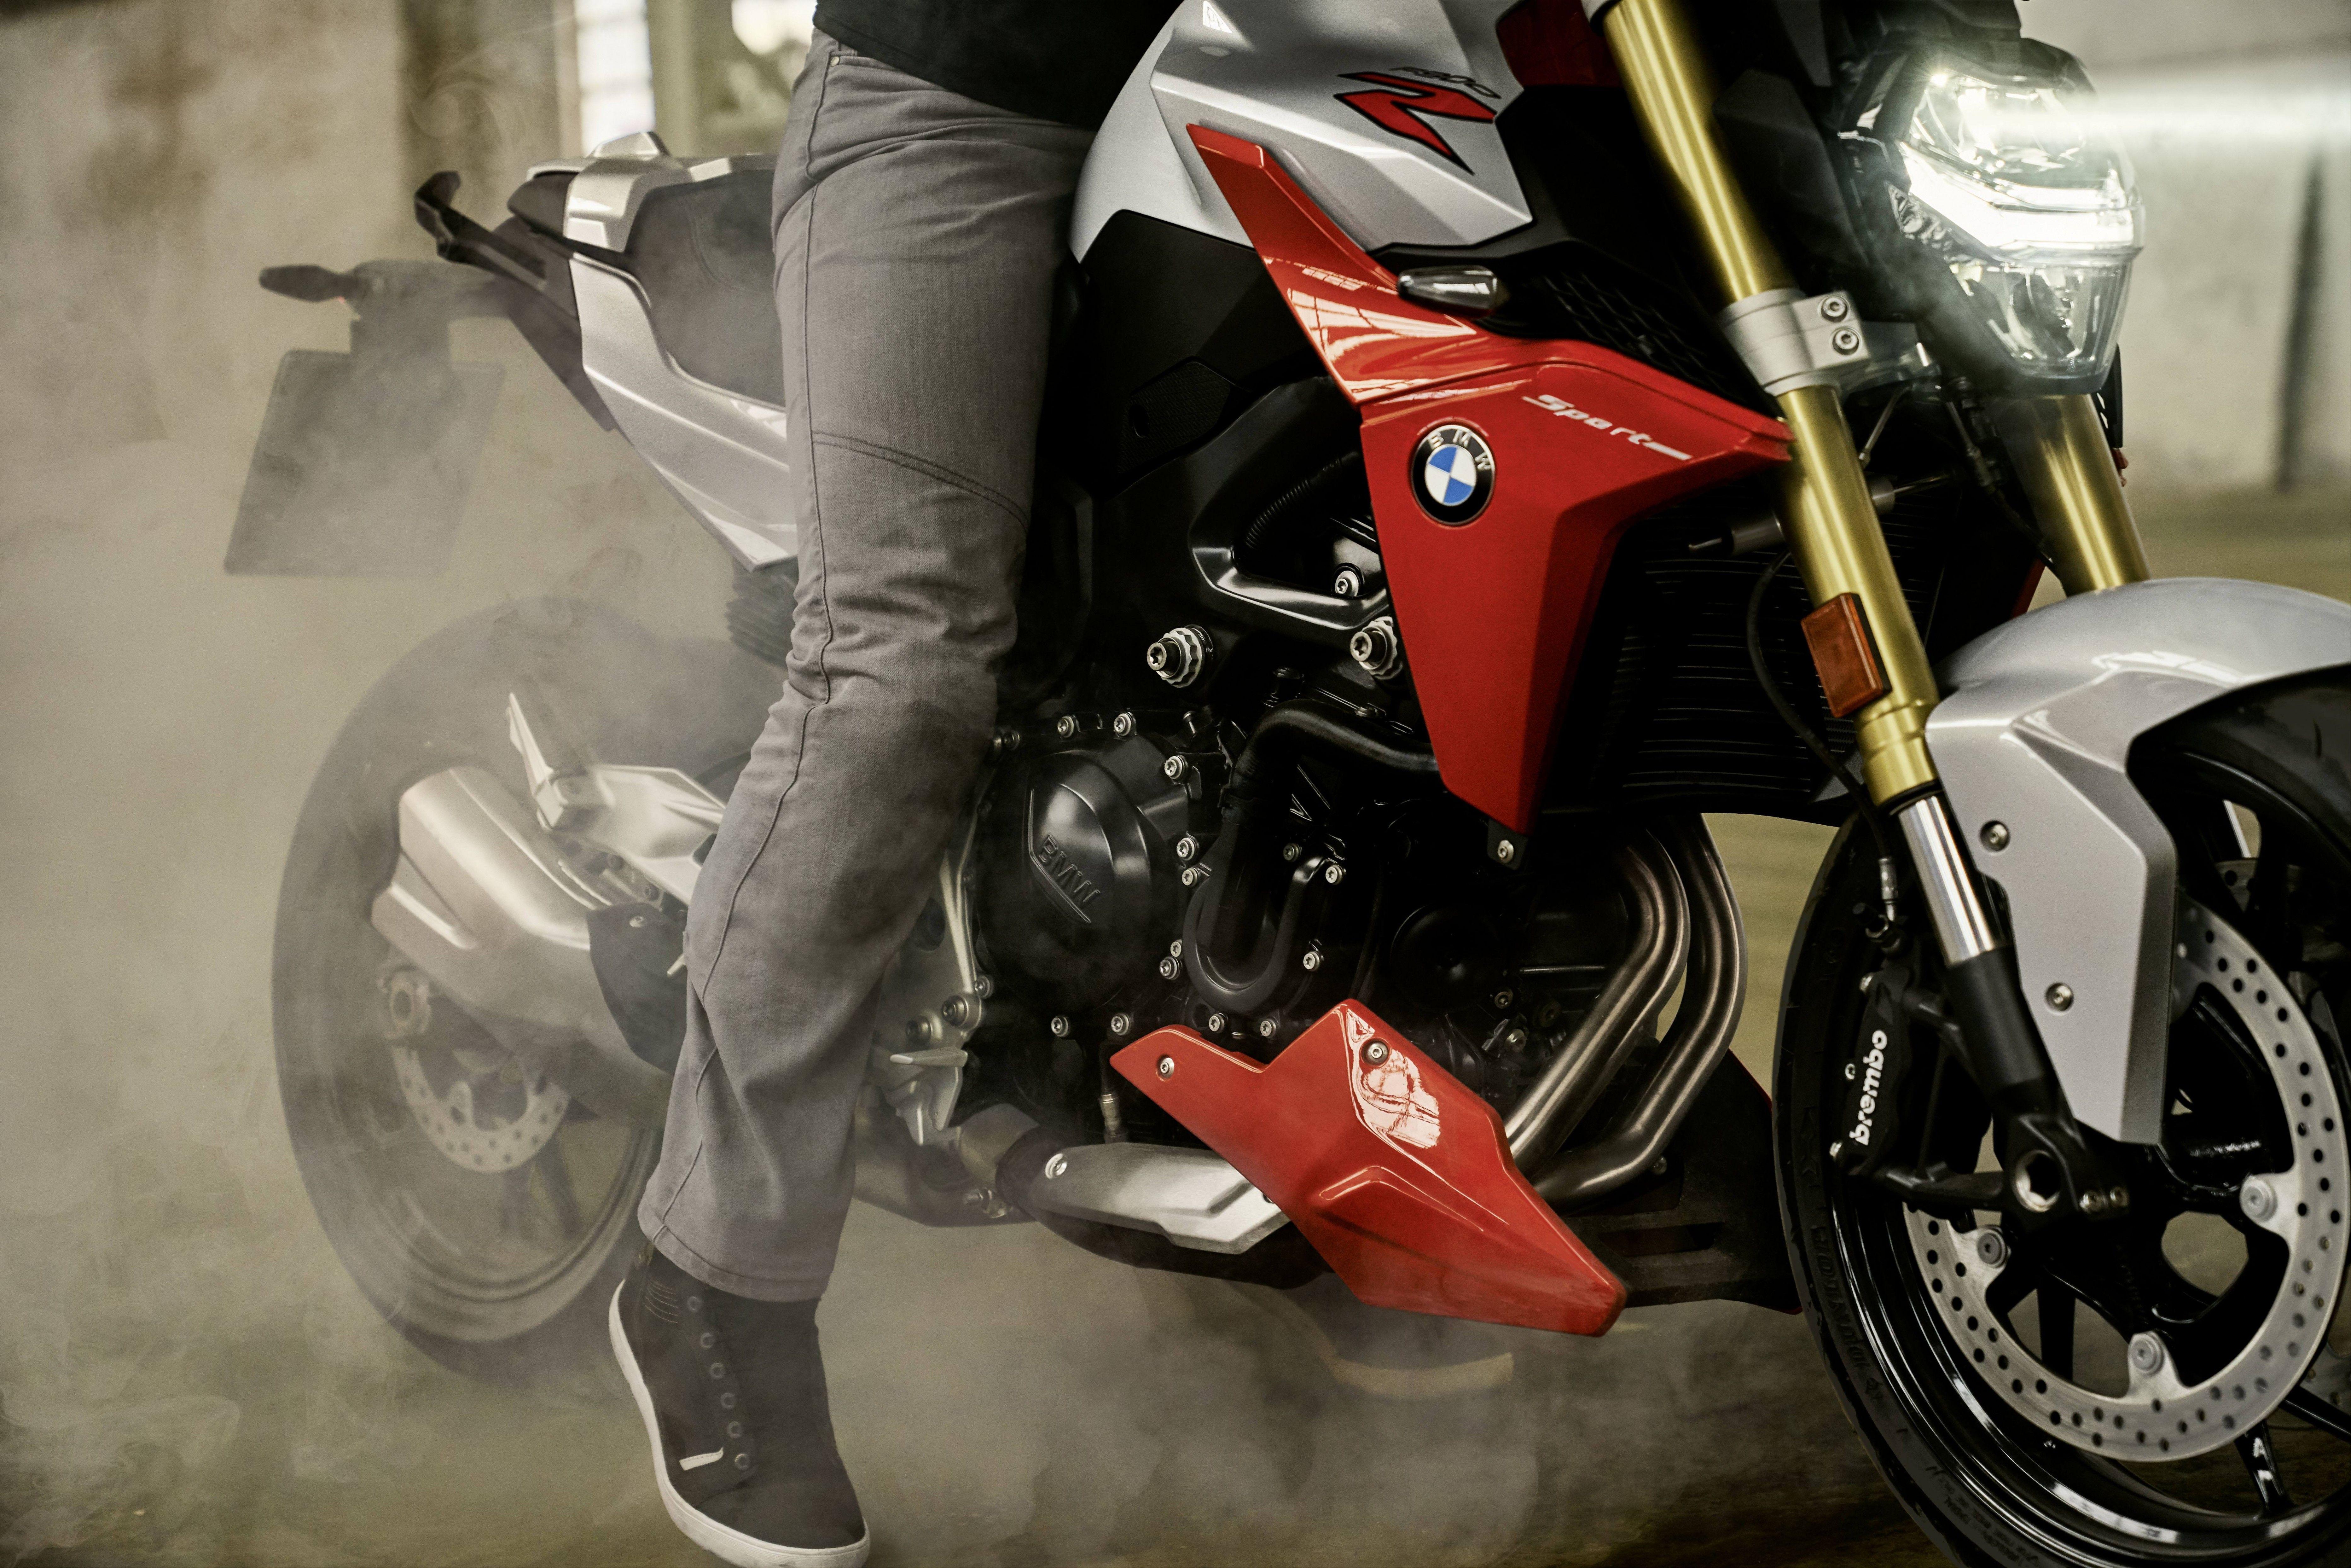 Bmw F800r 2020 With Images Bmw Bmw Motorrad Model